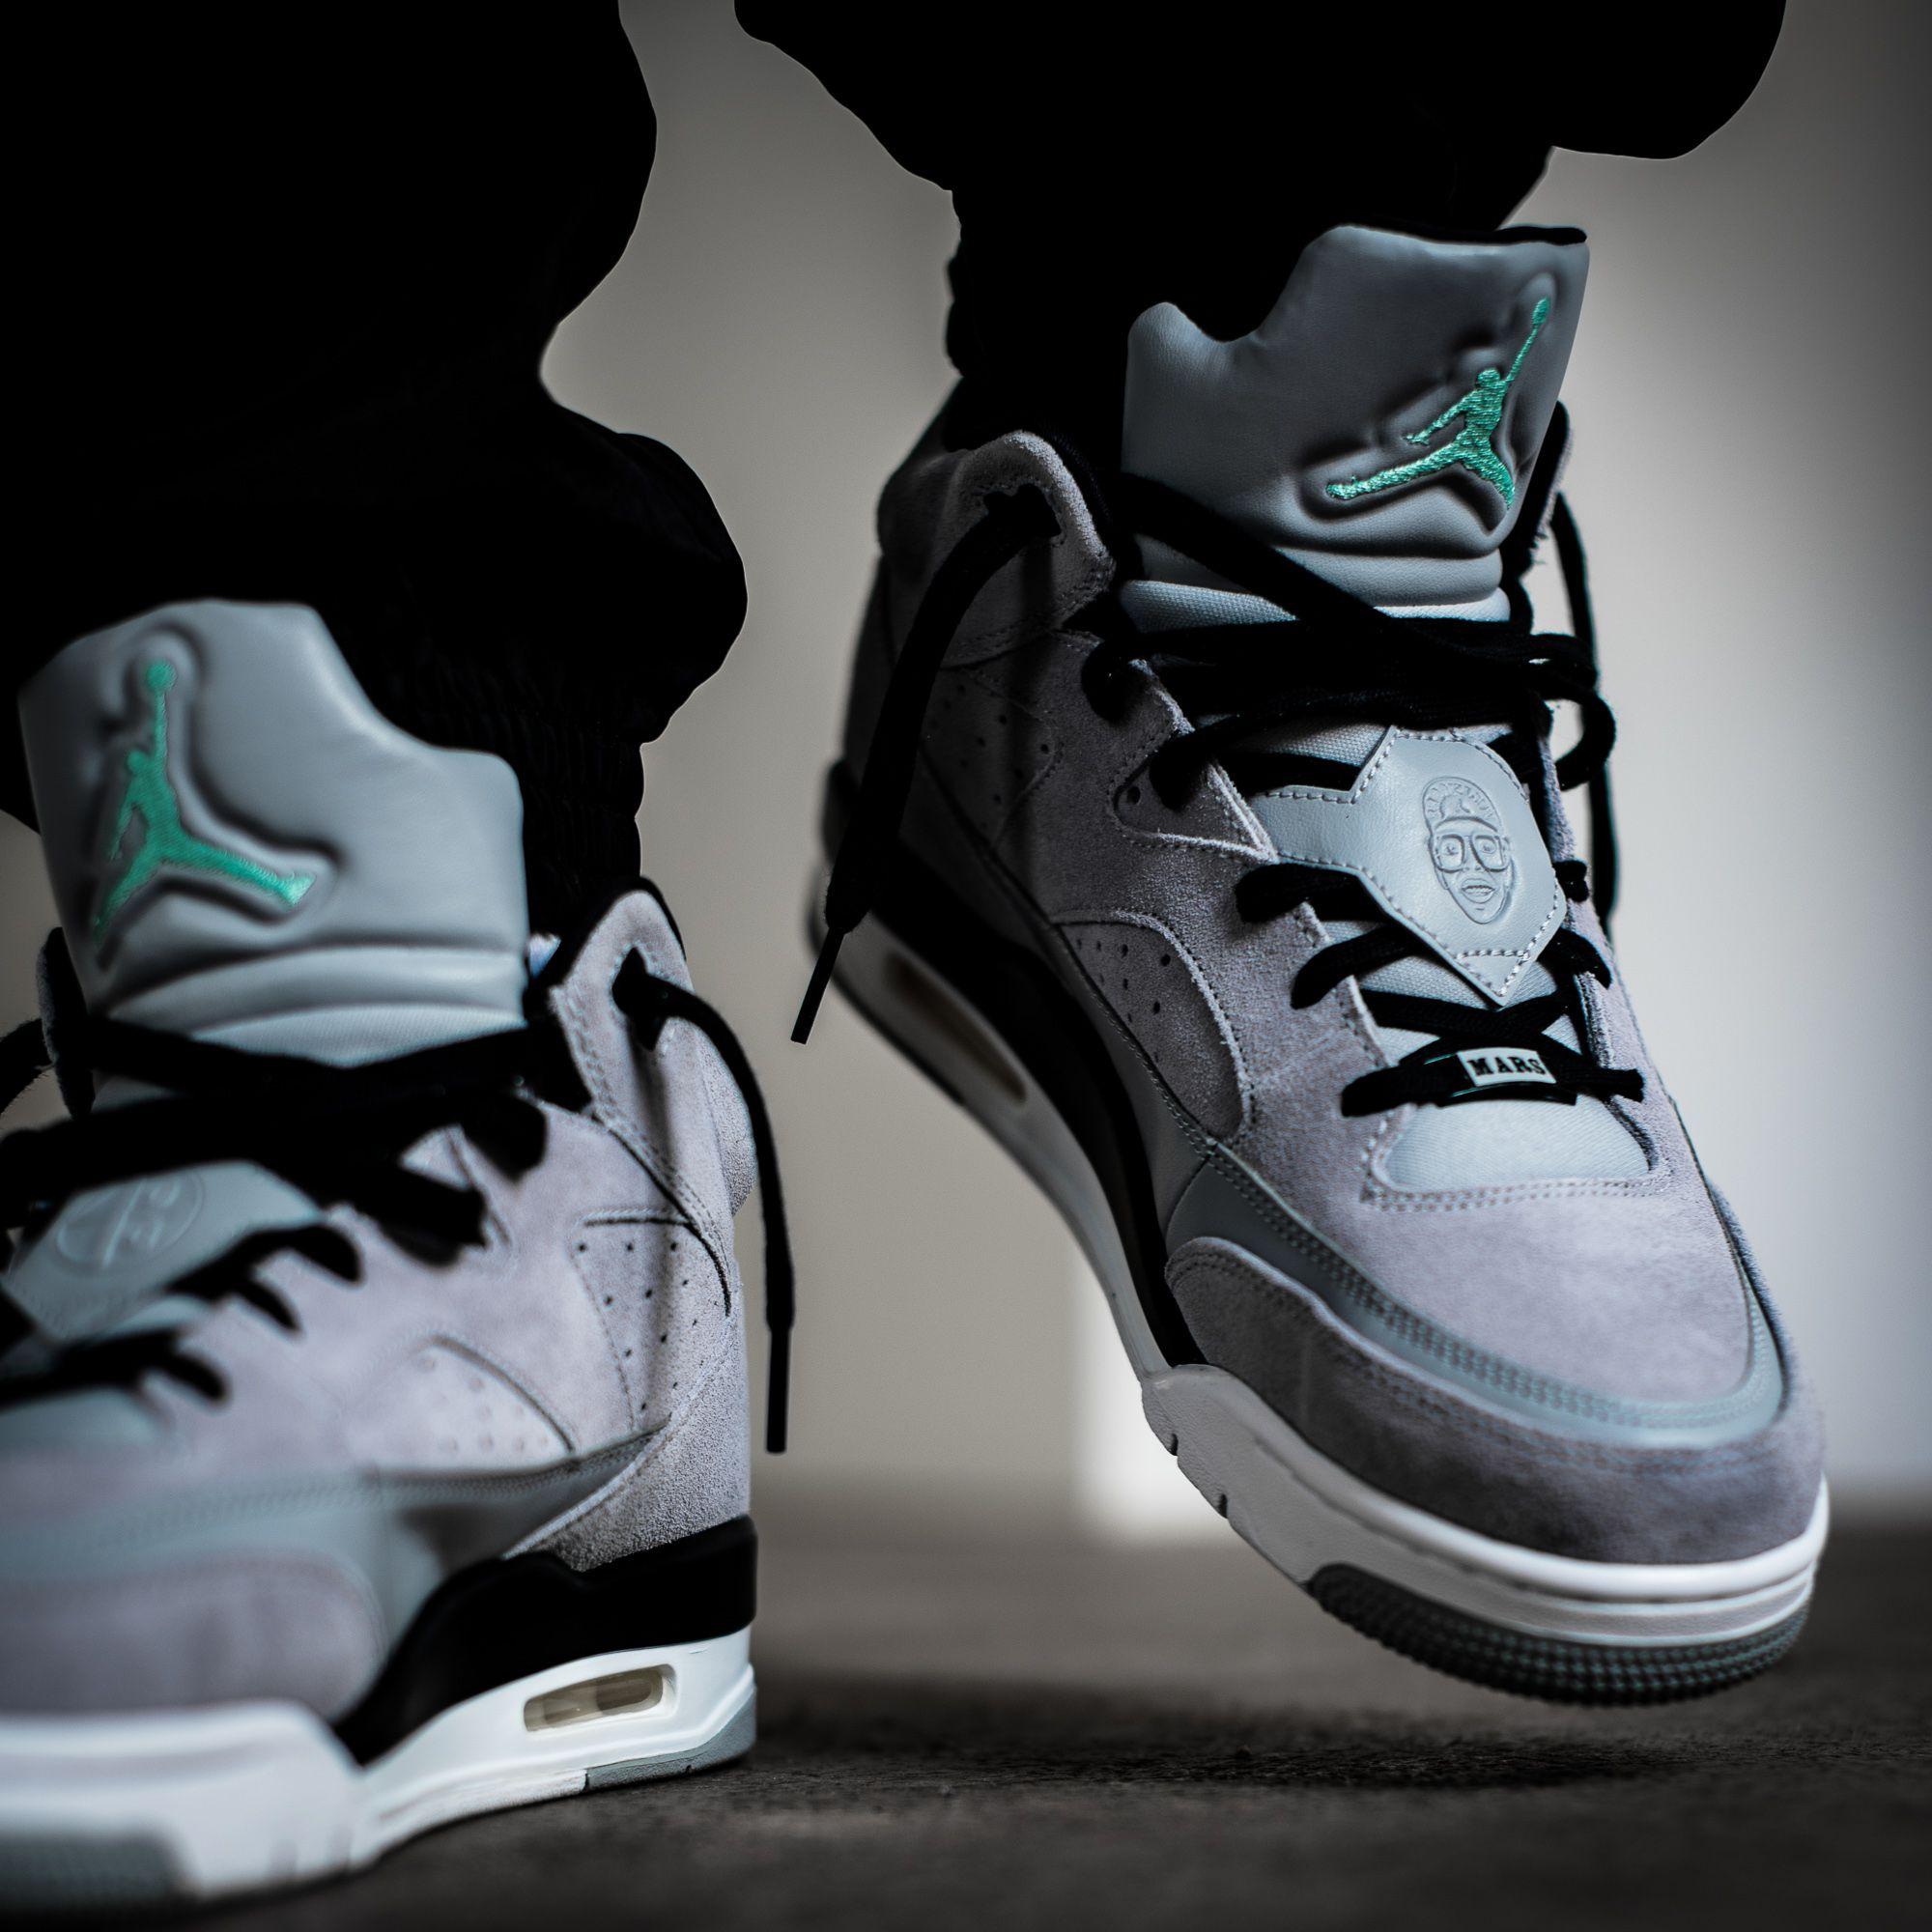 Jordans, Sneakers, Jordan basketball